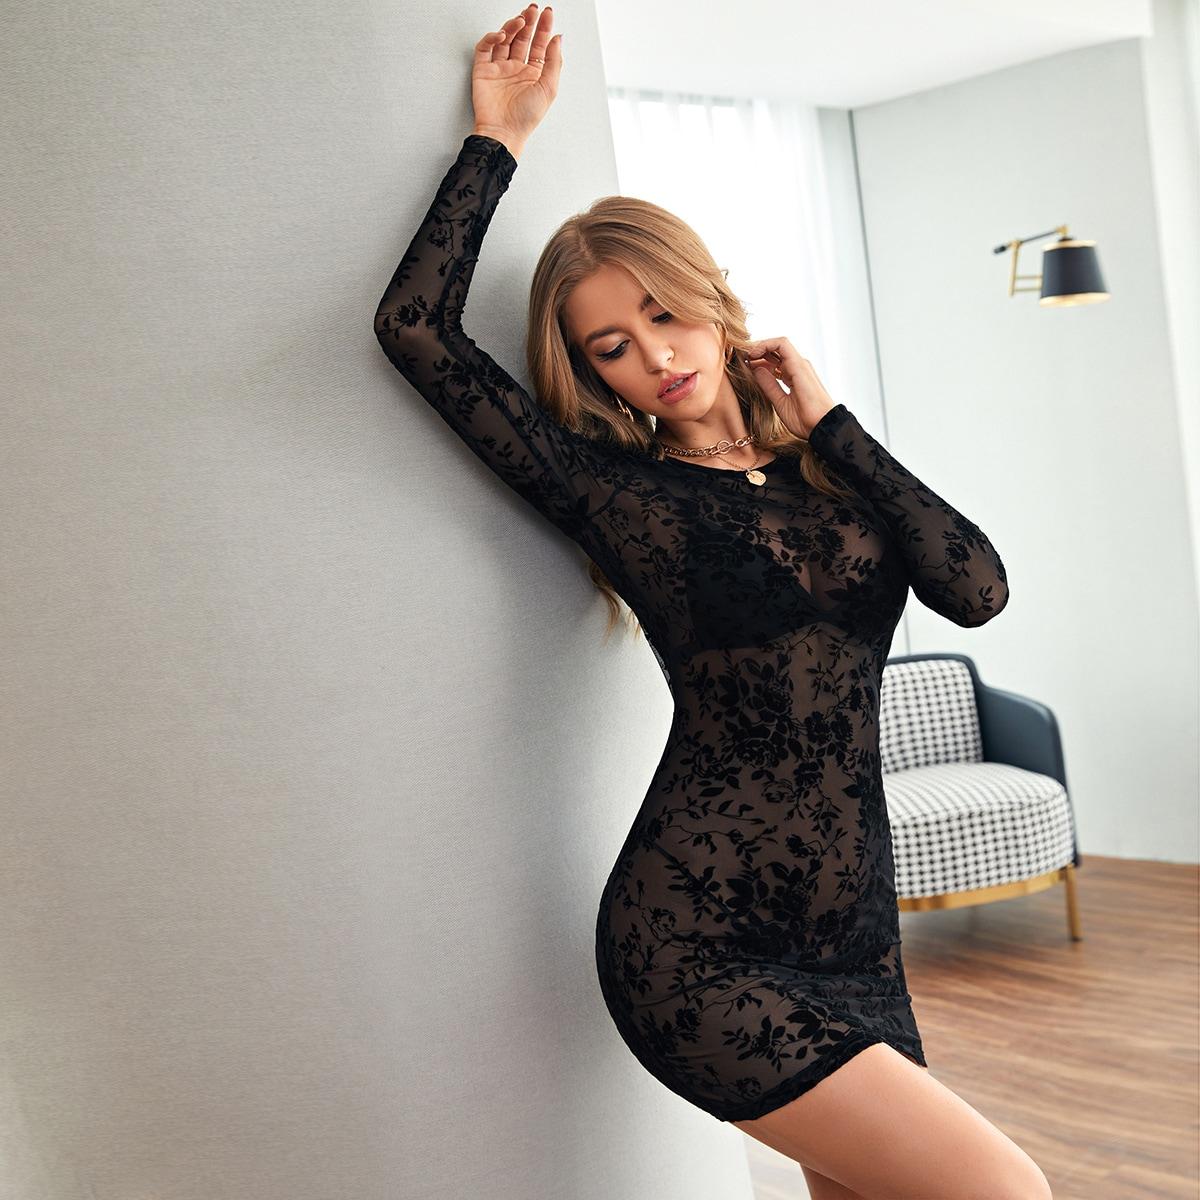 Сетчатое прозрачное облегающее платье без нижнего белья